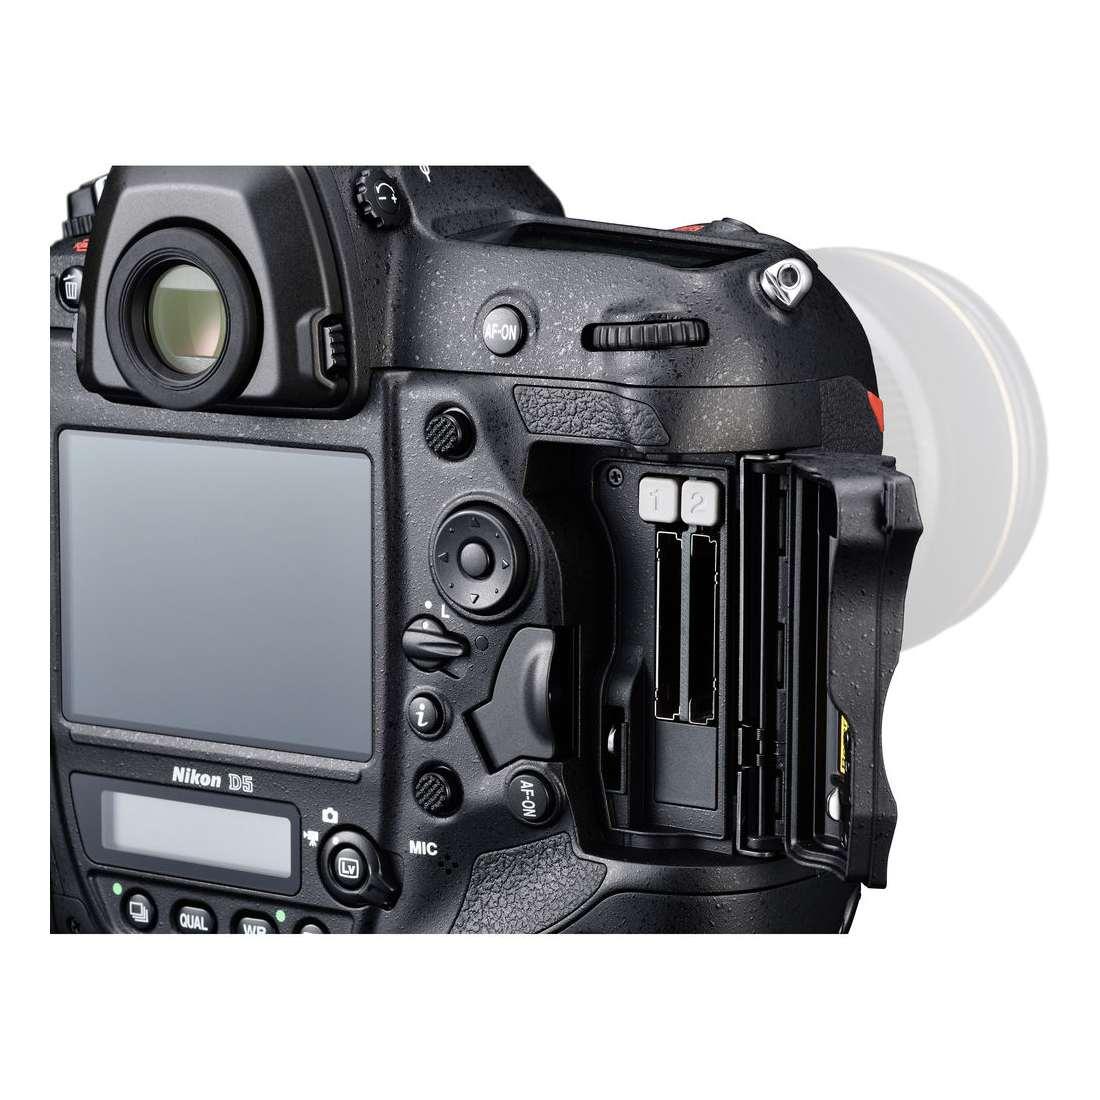 Ремонт фотоаппаратов в костанае норд стрейт зданий исторических